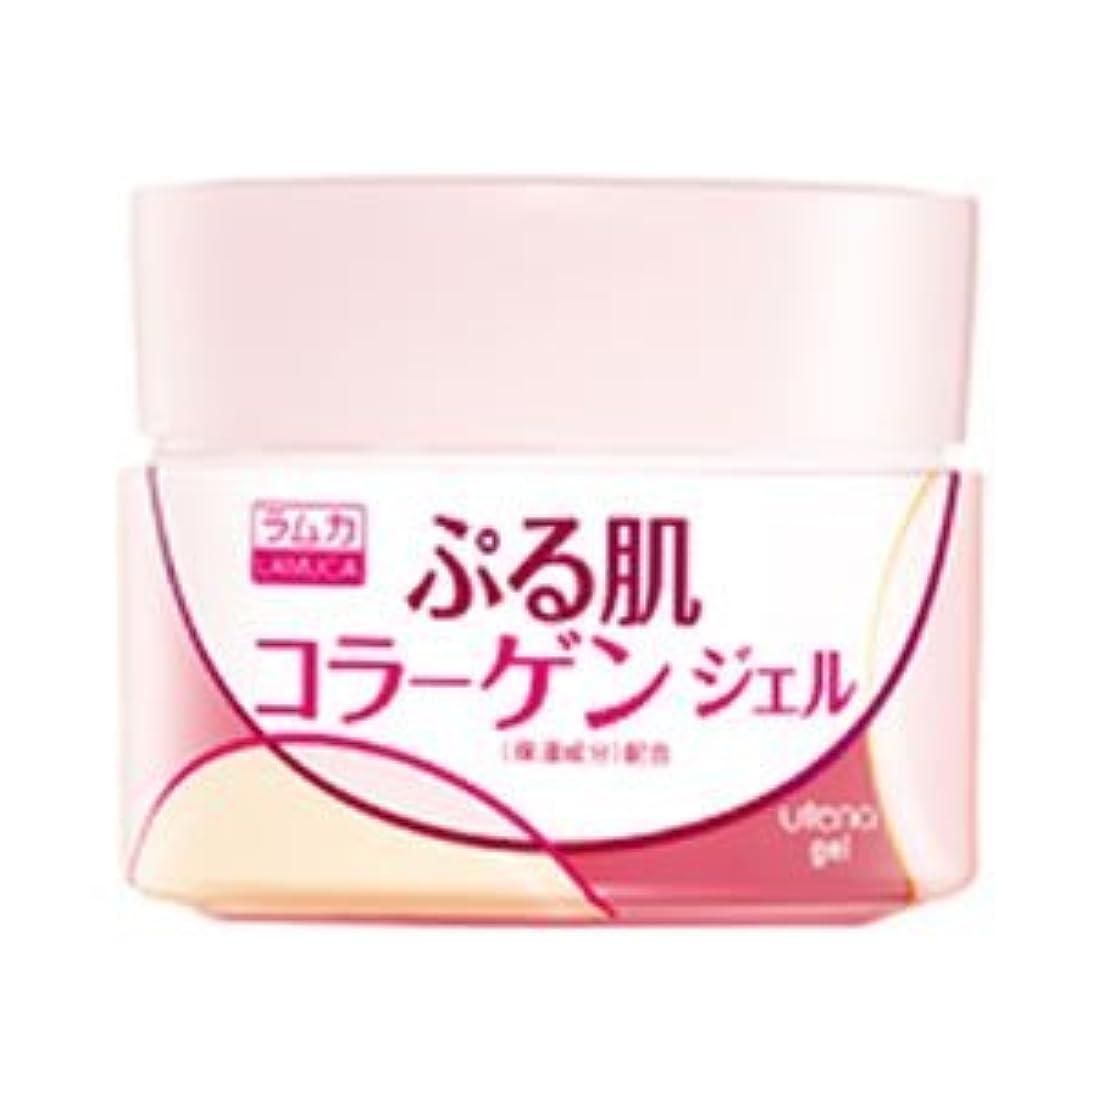 ラリー基準現実(ウテナ)ラムカ ぷる肌ジェル100g